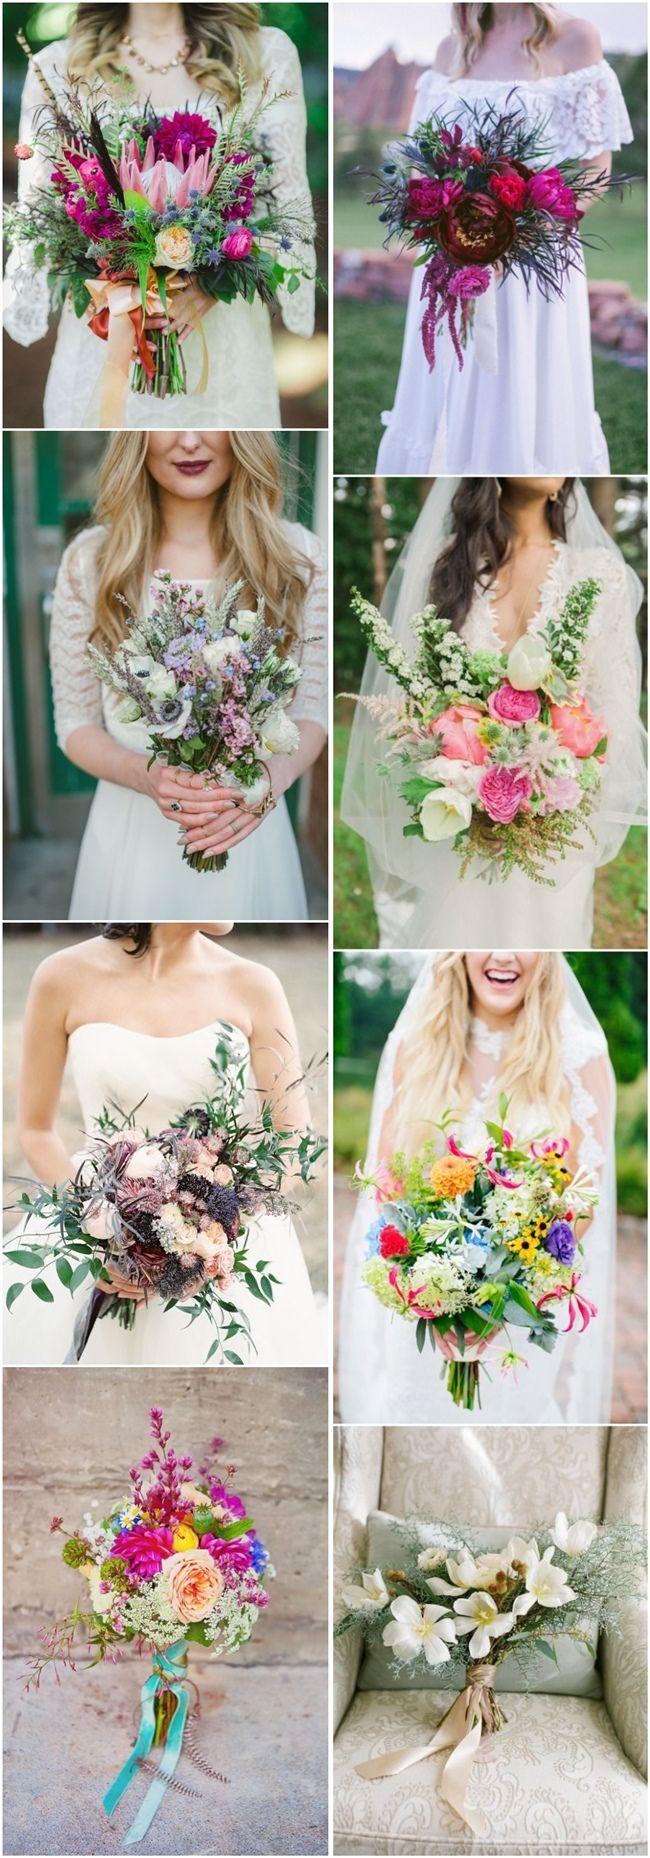 bohemian wedding bouquet ideas-boho wedding ideas - Deer Pearl Flowers